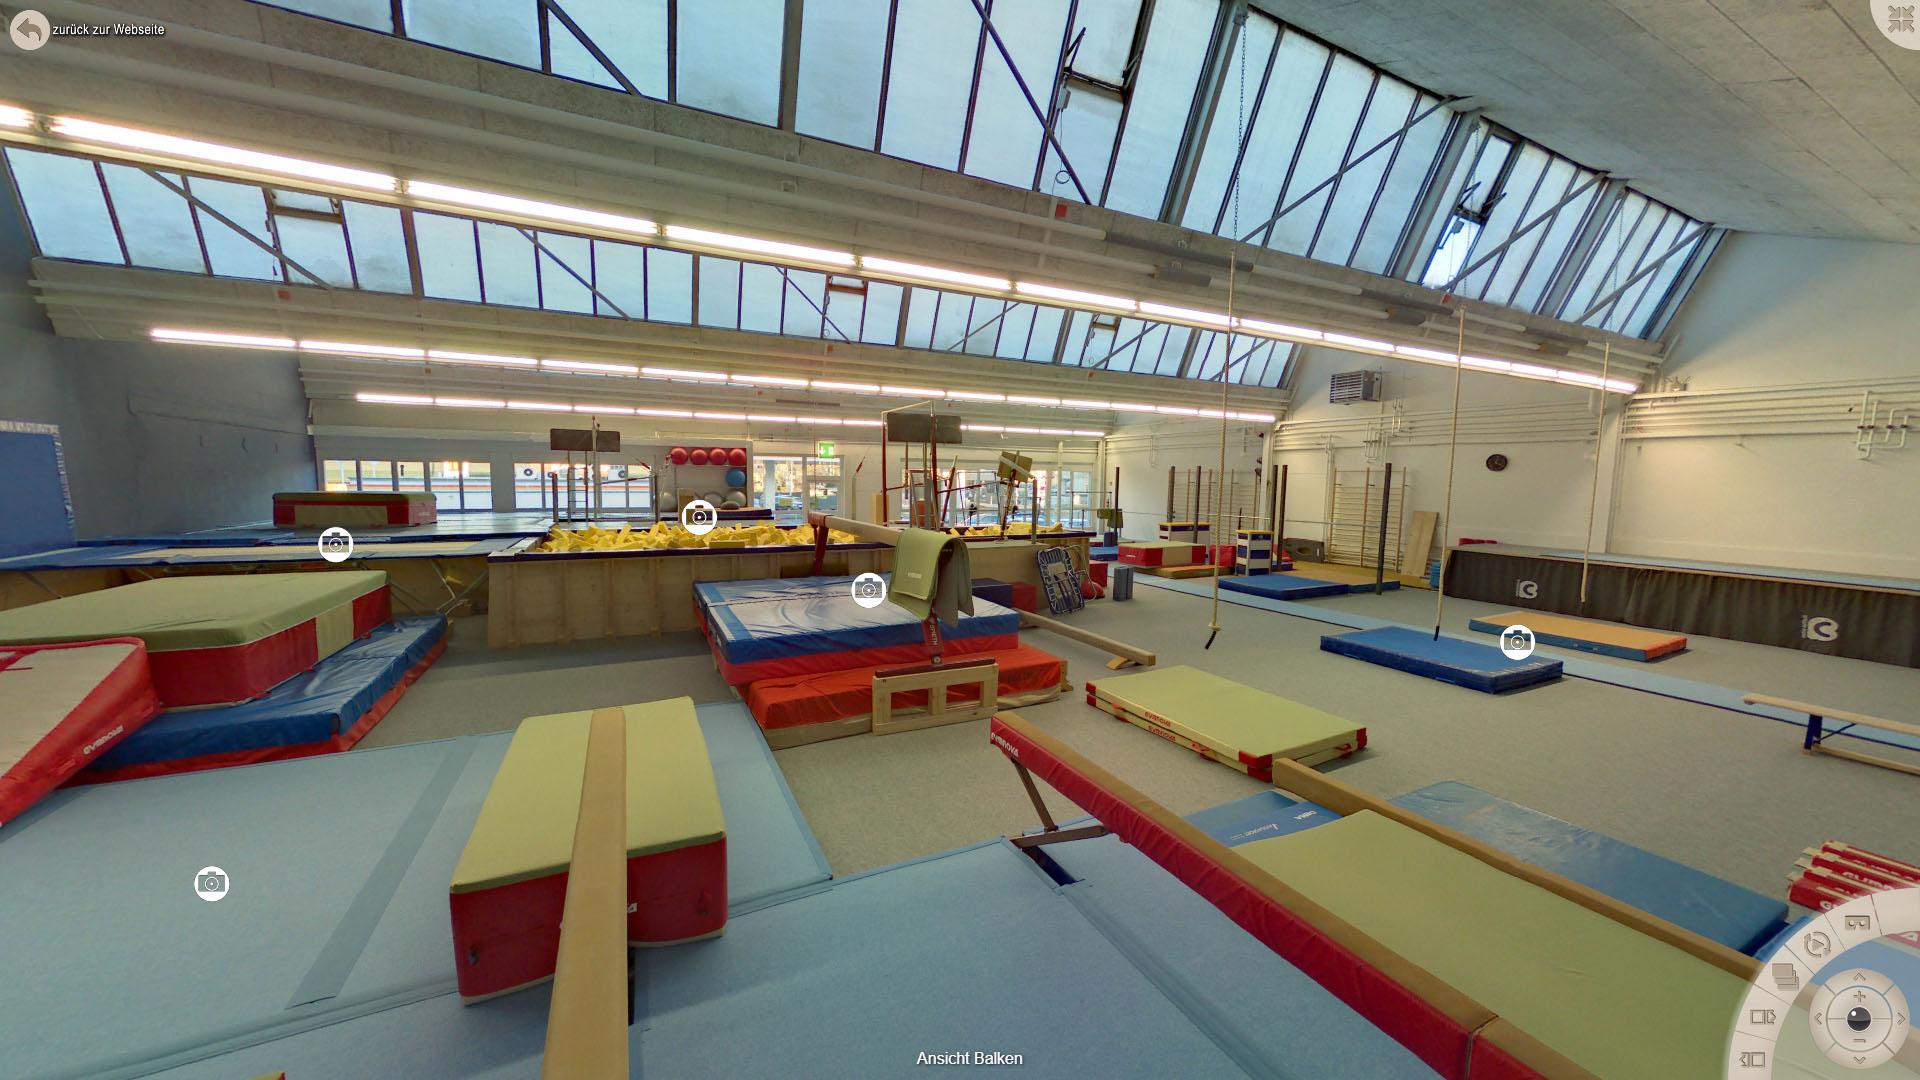 NFF Gymnastics Zuerich Ansicht Balken